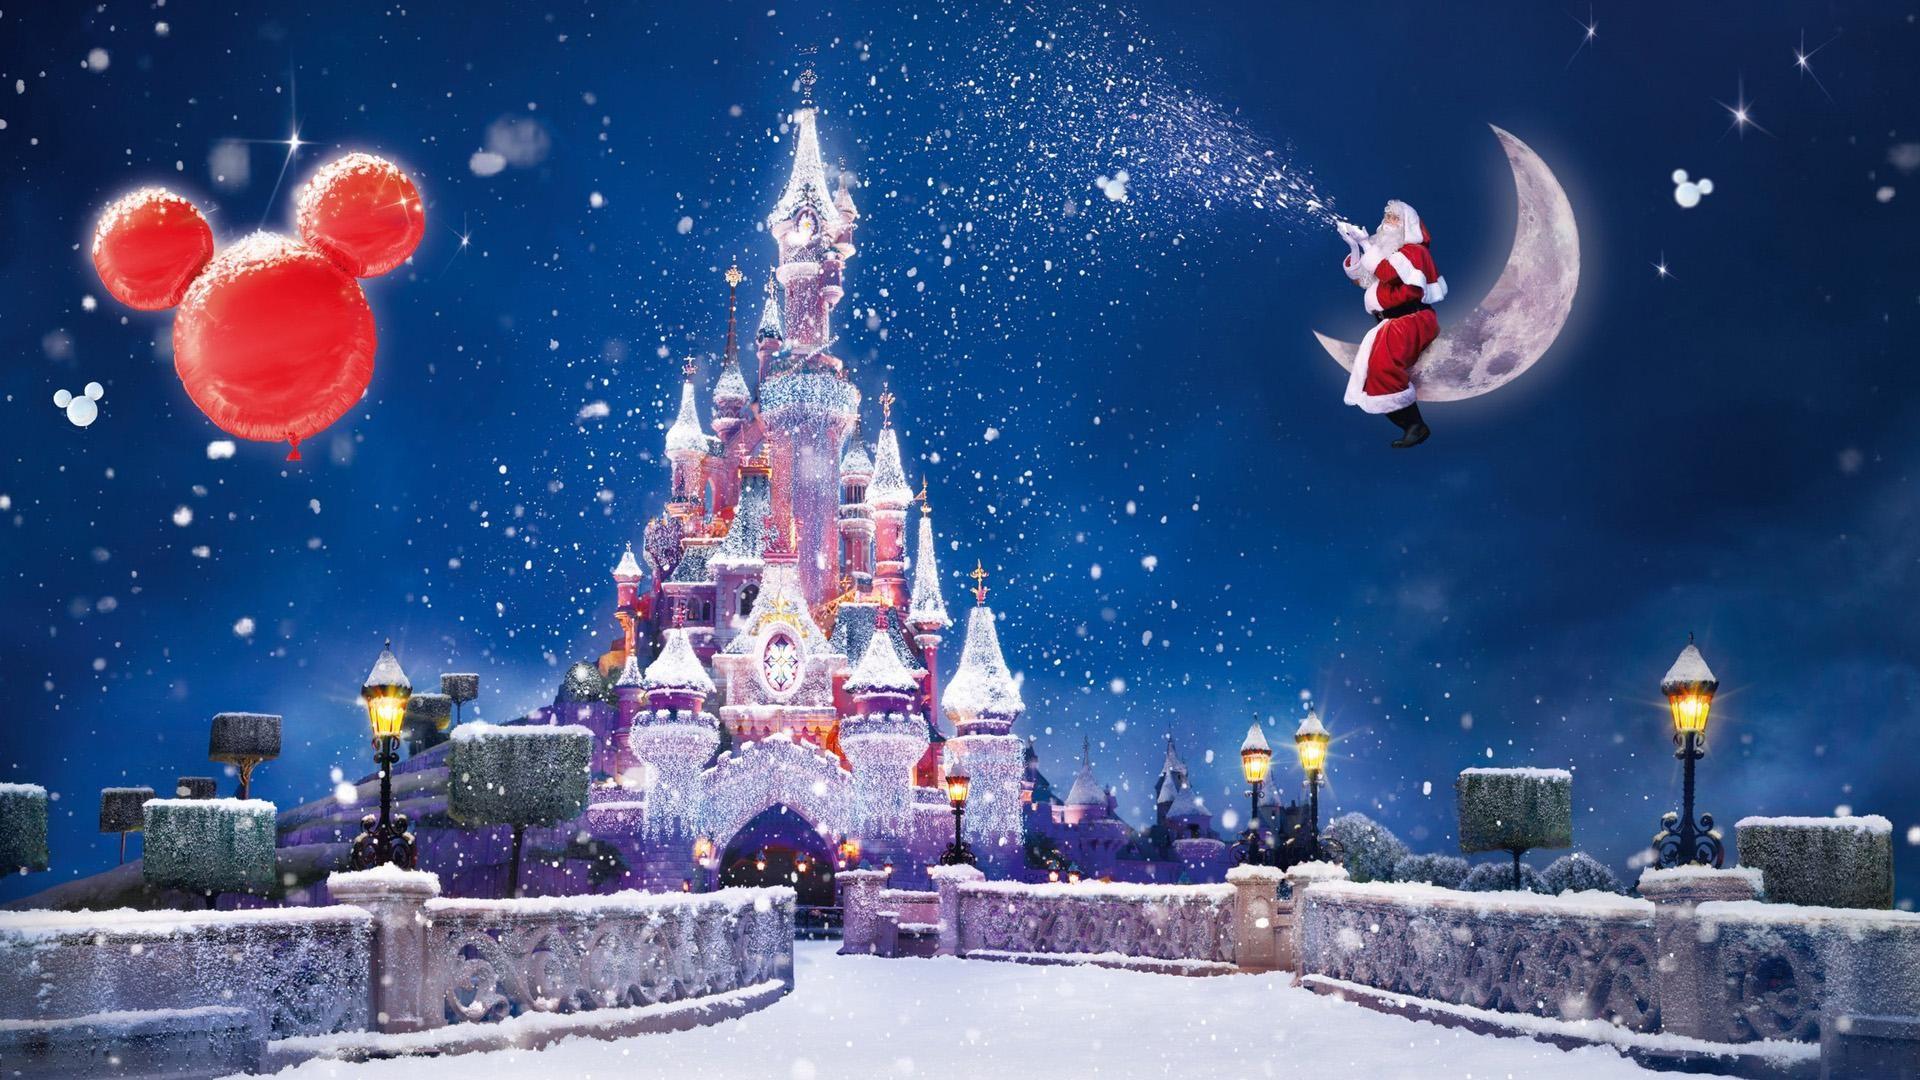 Weihnachtsbilder walt disney